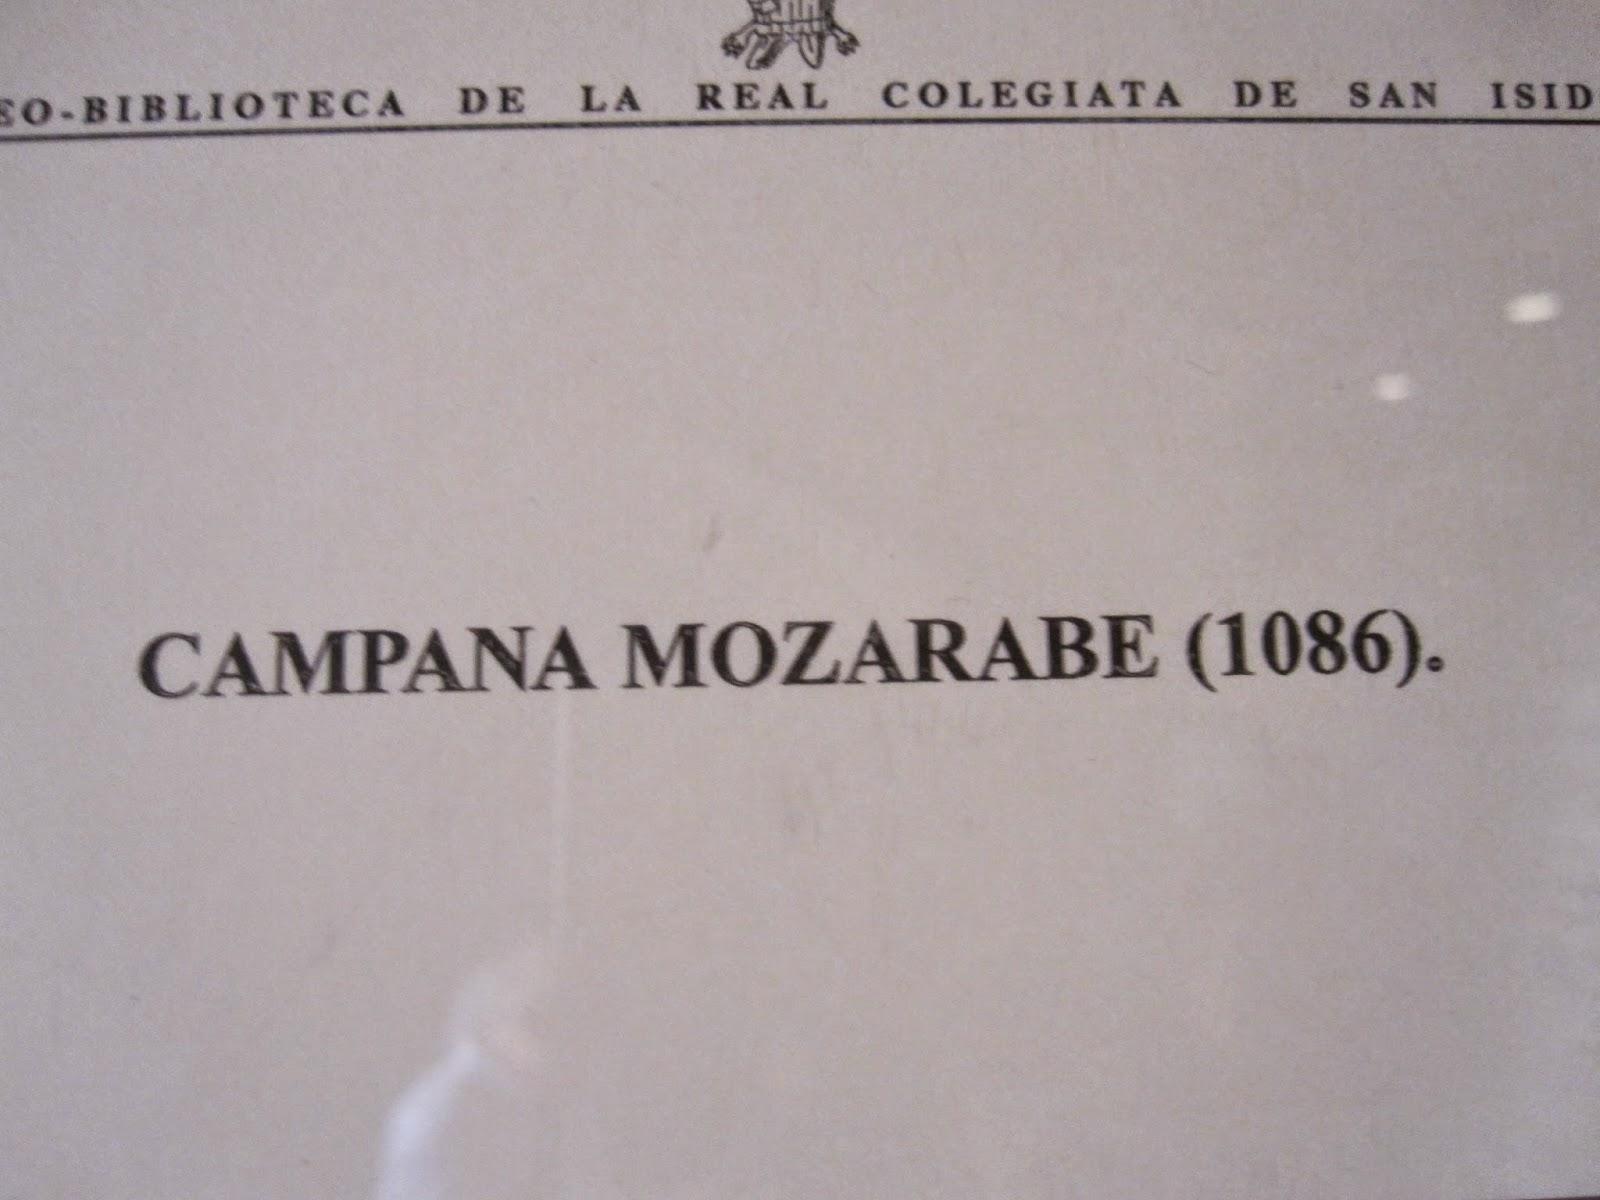 Mozarito Y El Camino Moz Rabe De Santiago Los Moz Rabes I